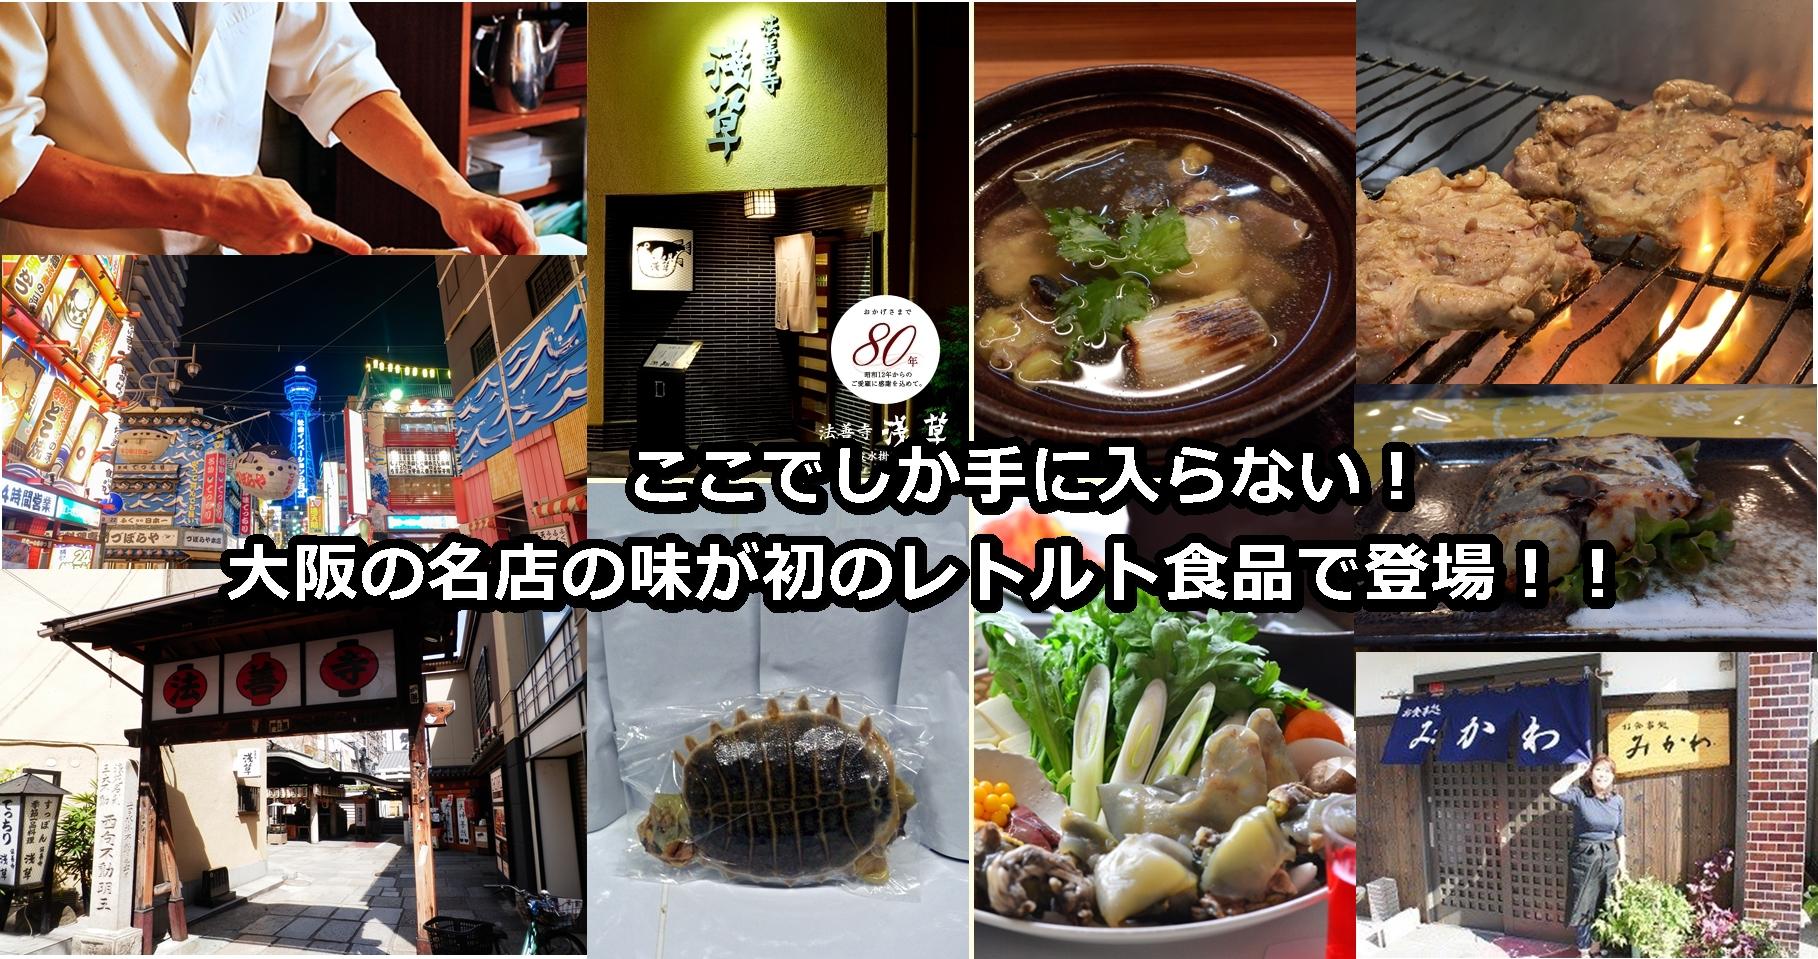 大阪発!日本全国の飲食店・家庭の味を100年先まで継承していくプロジェクト! 『オリジナルレトルト食品が...